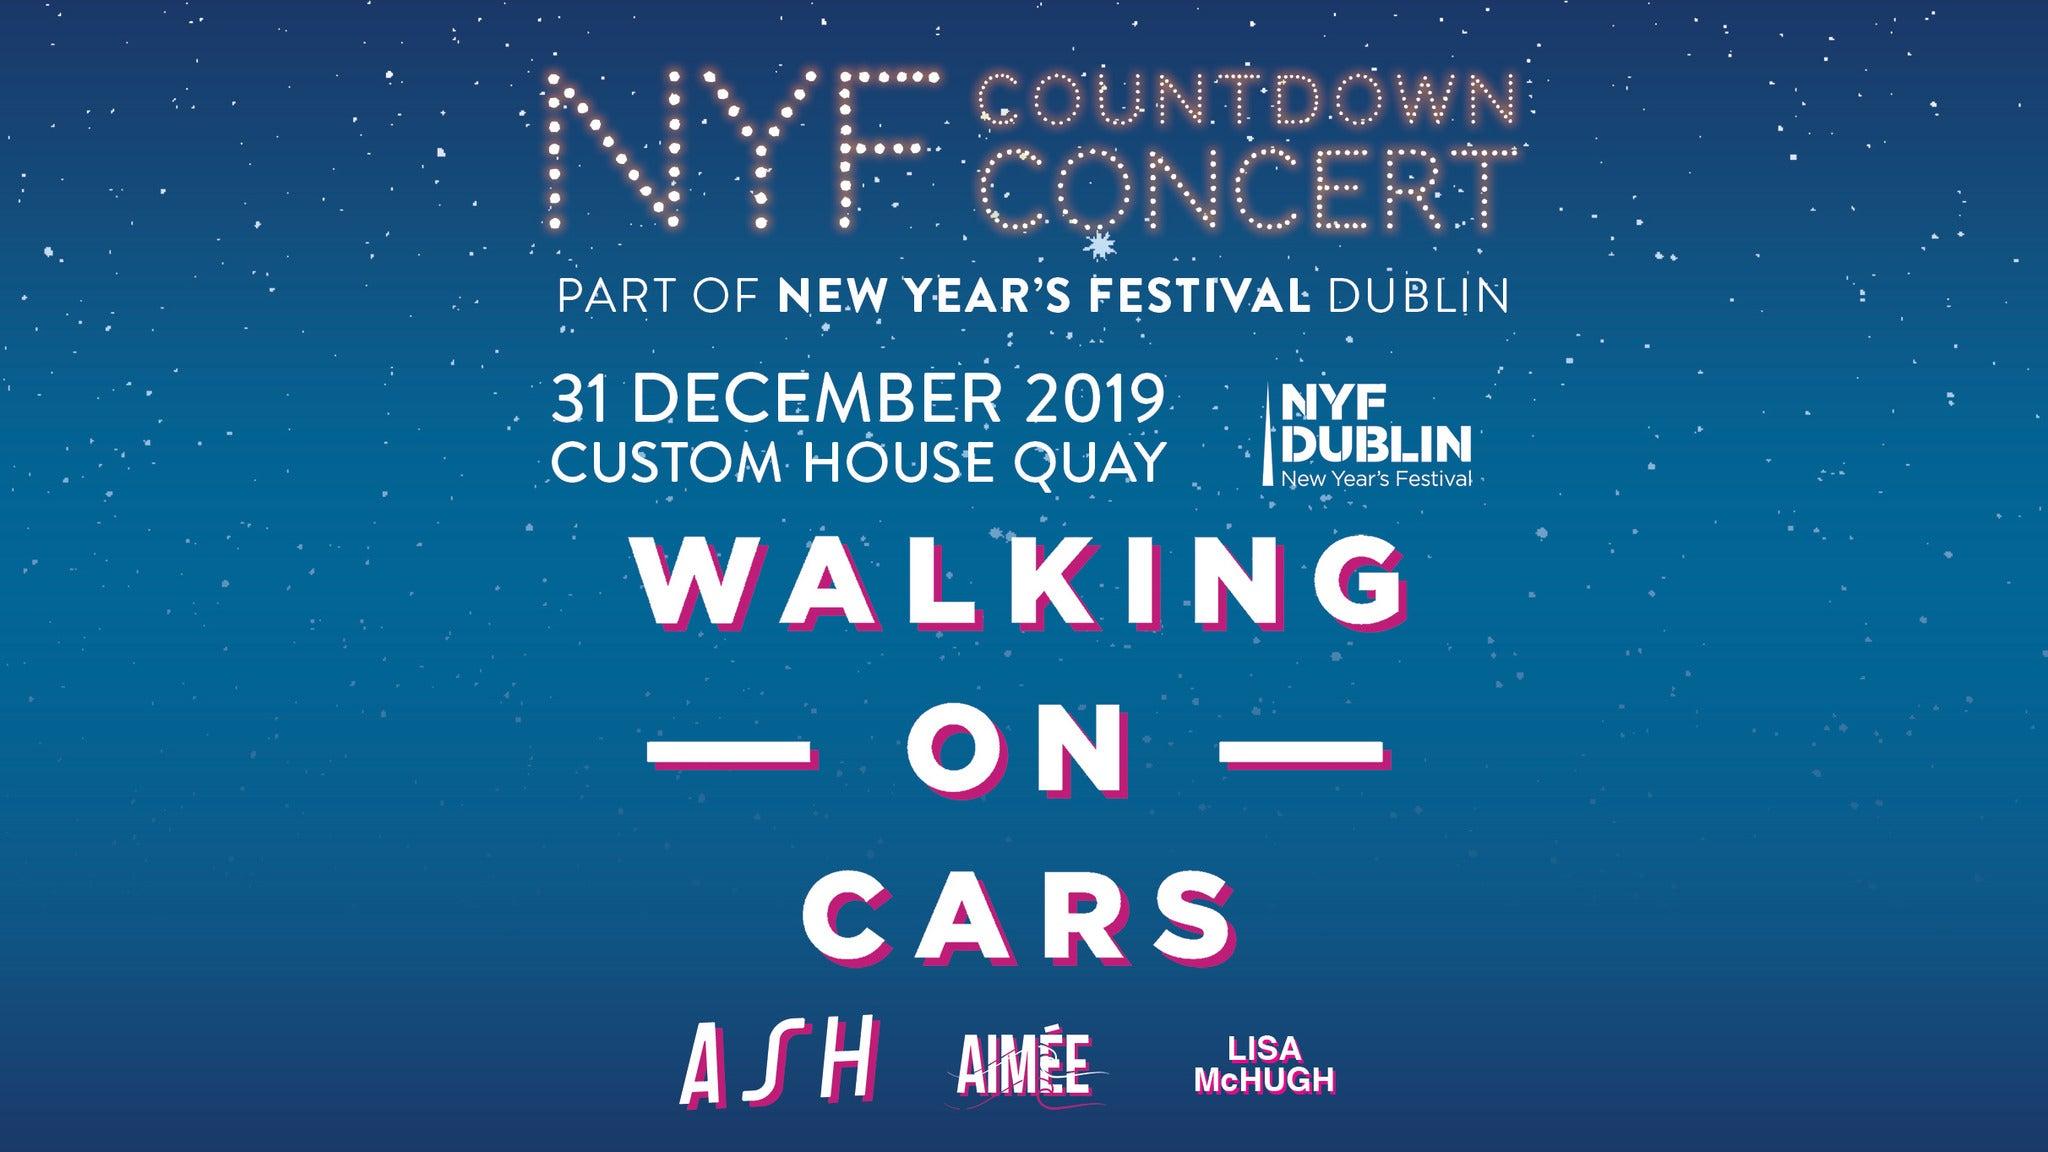 NYF Dublin Three Countdown Concert